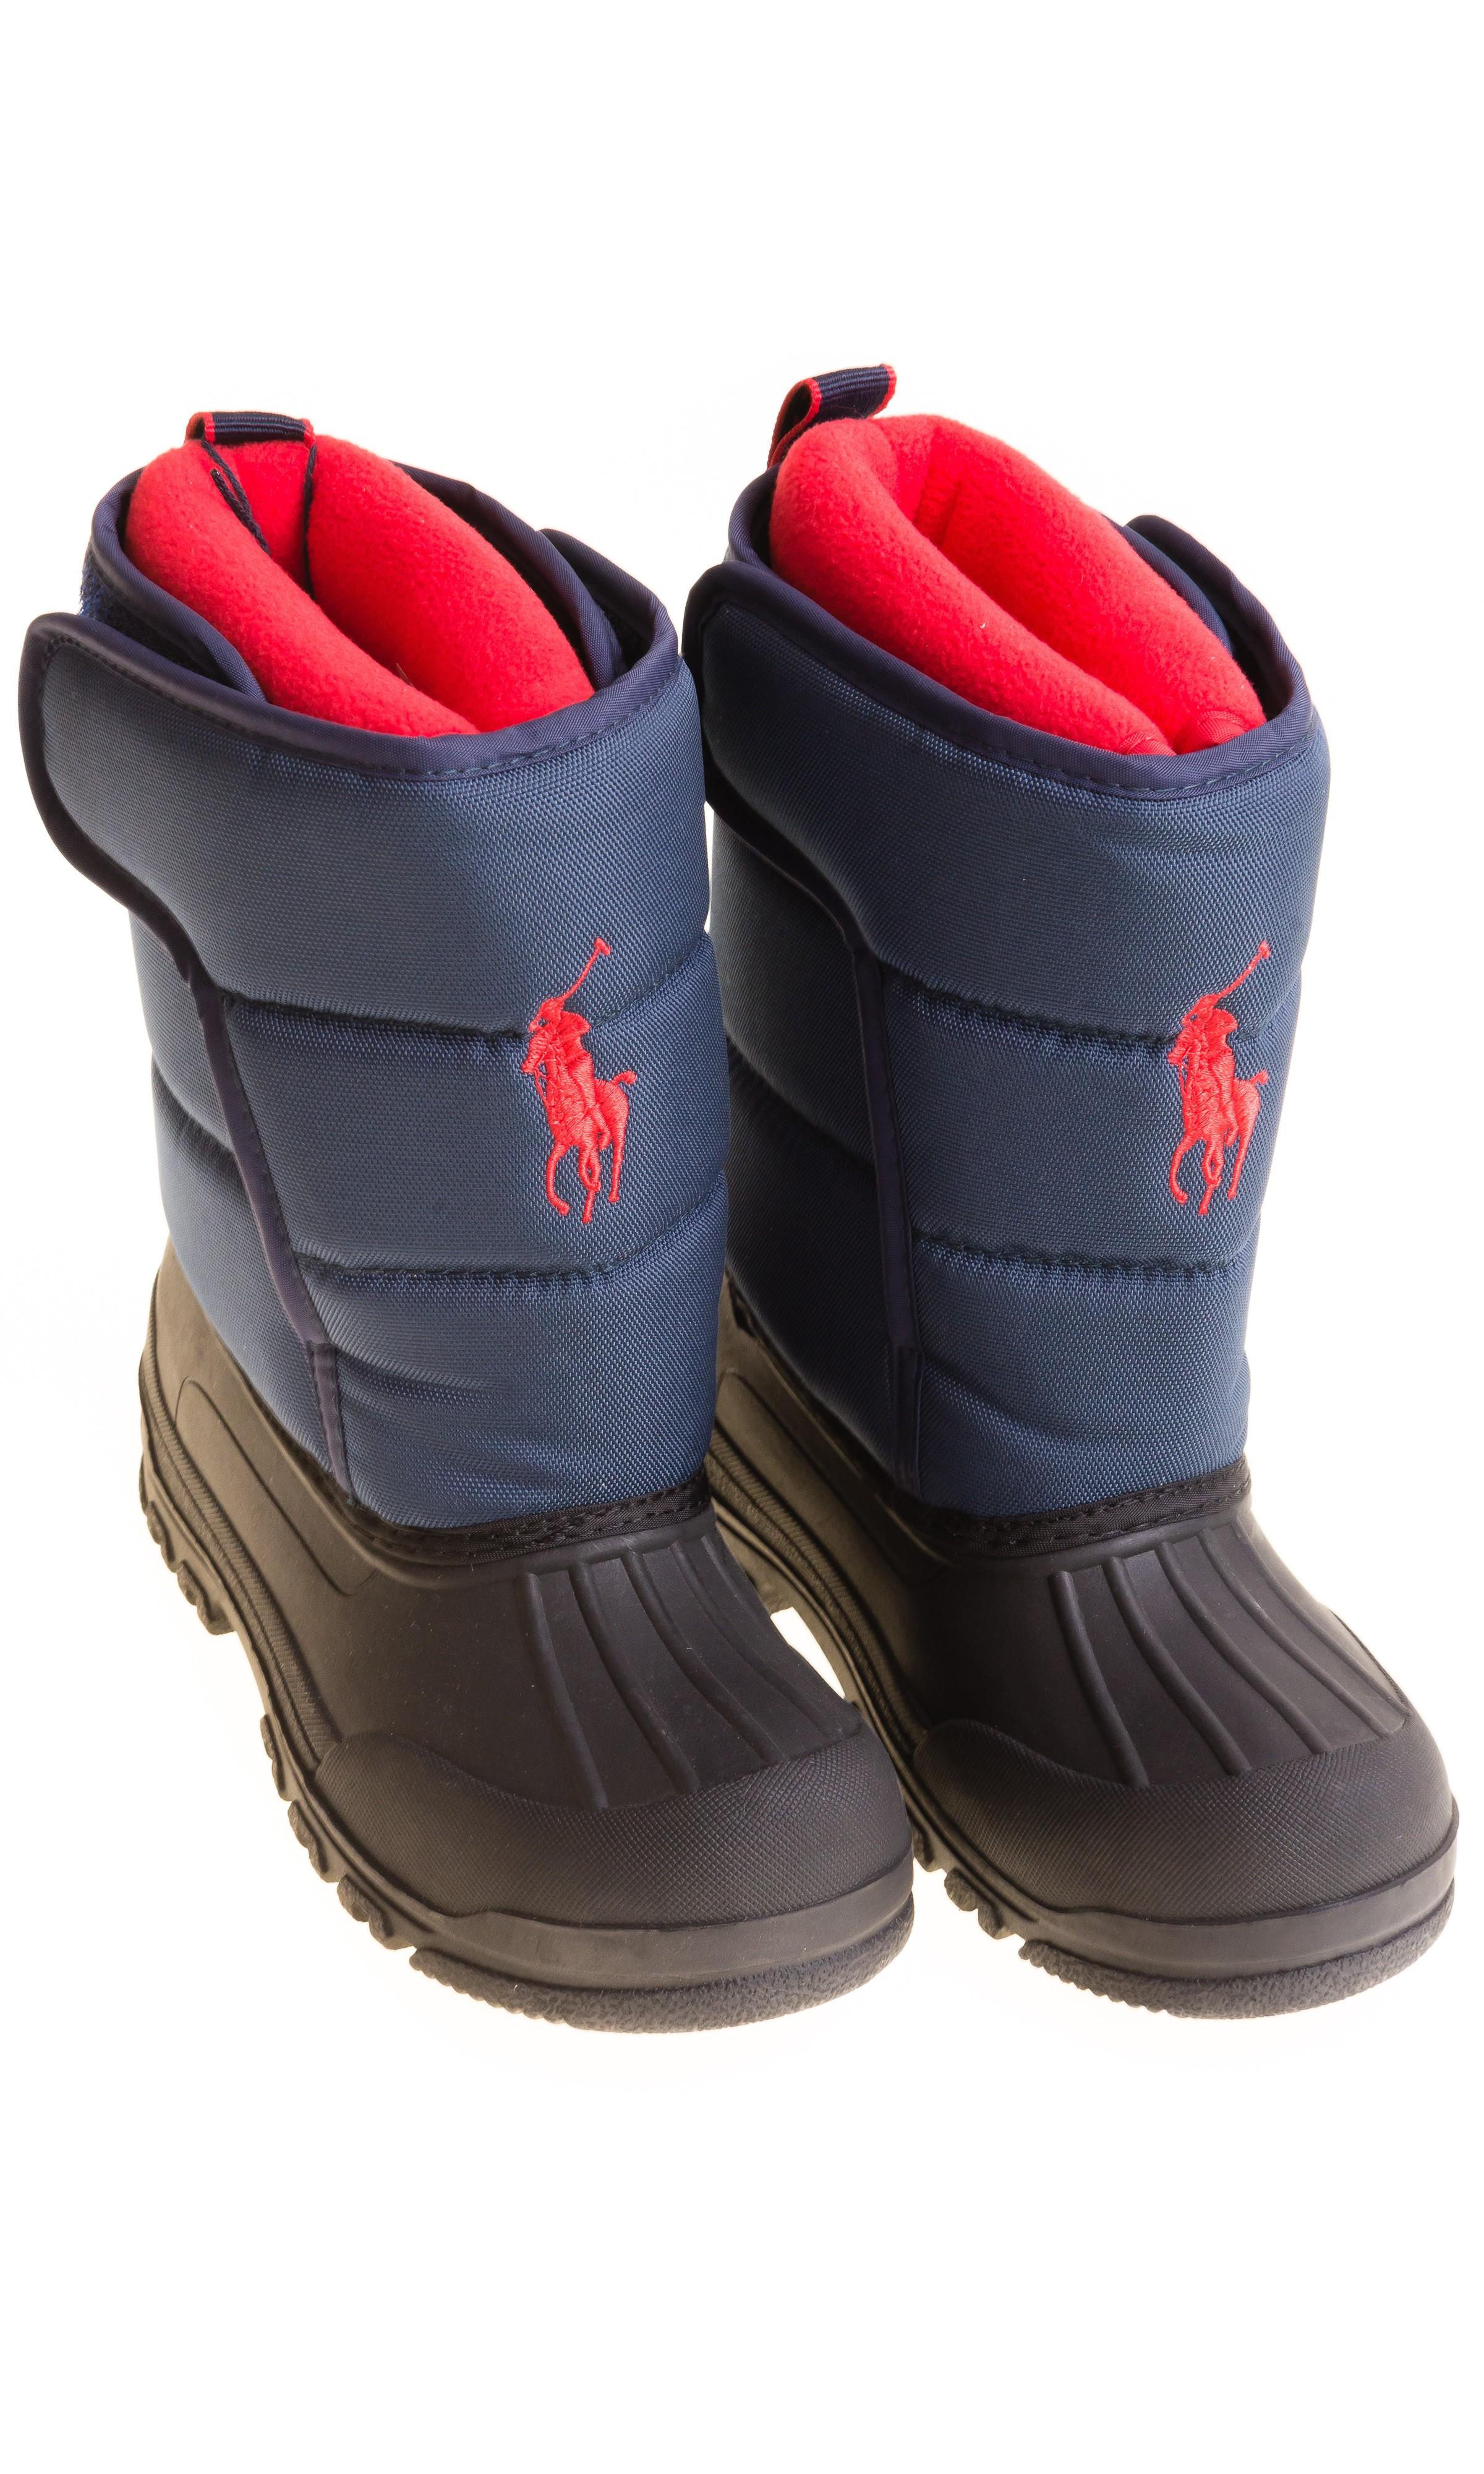 Navy blue snow boots, Polo Ralph Lauren